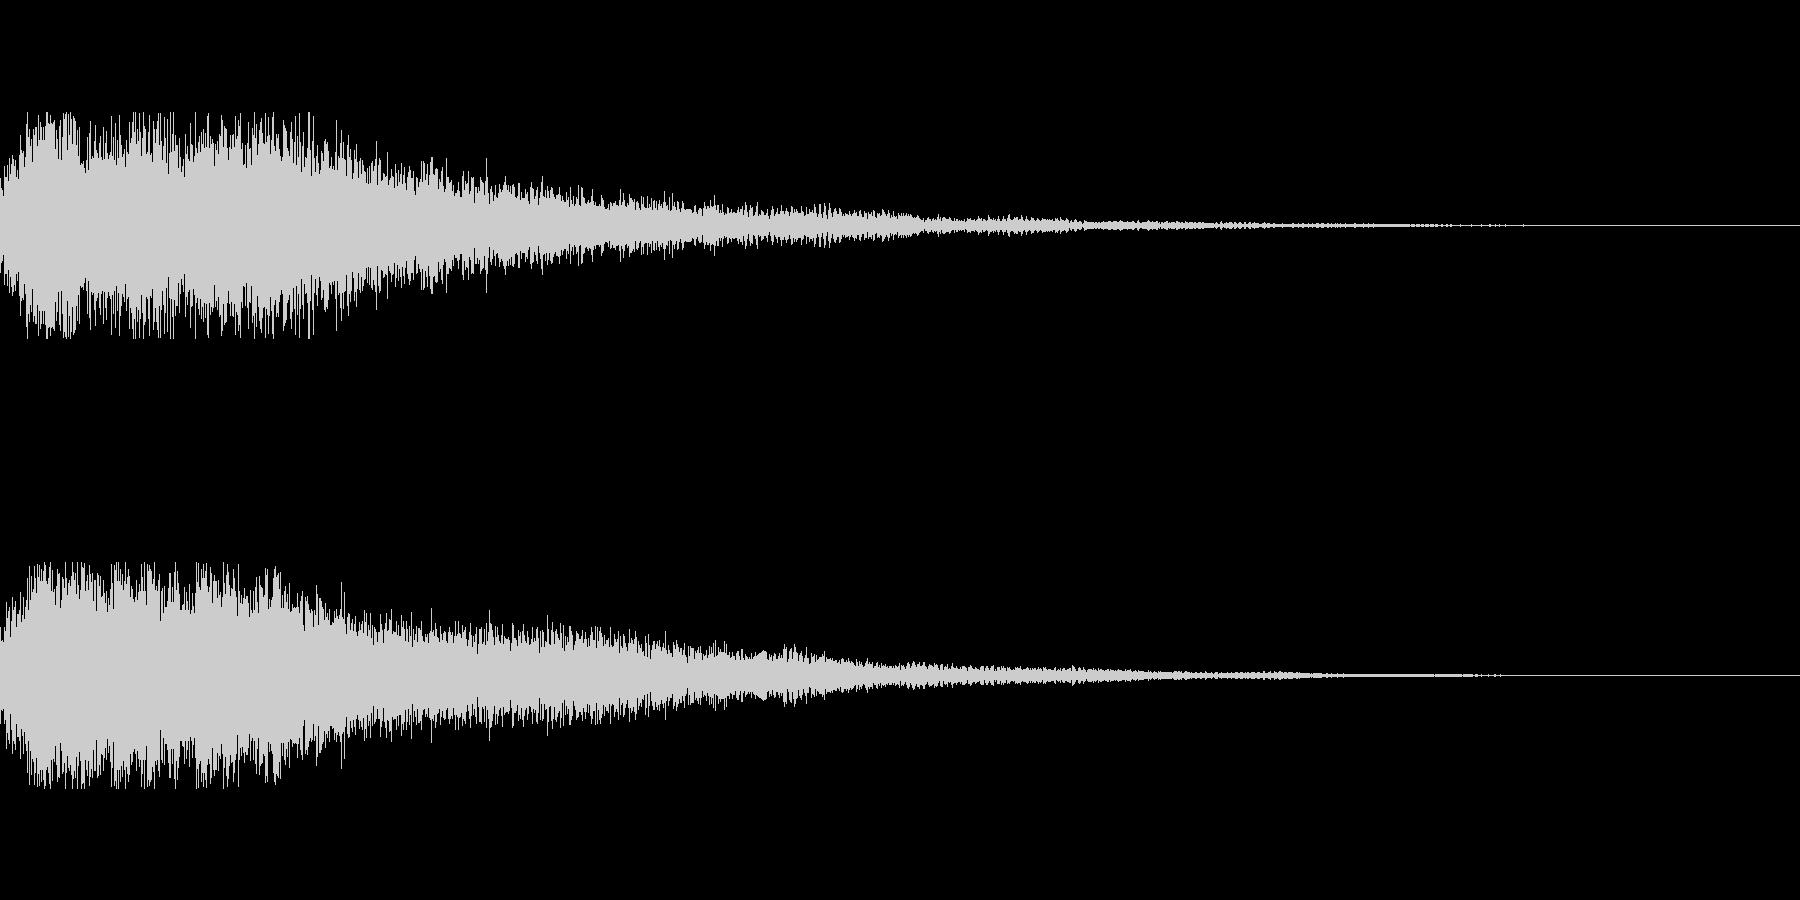 [シャキーン]決定音(明るく力強い)の未再生の波形